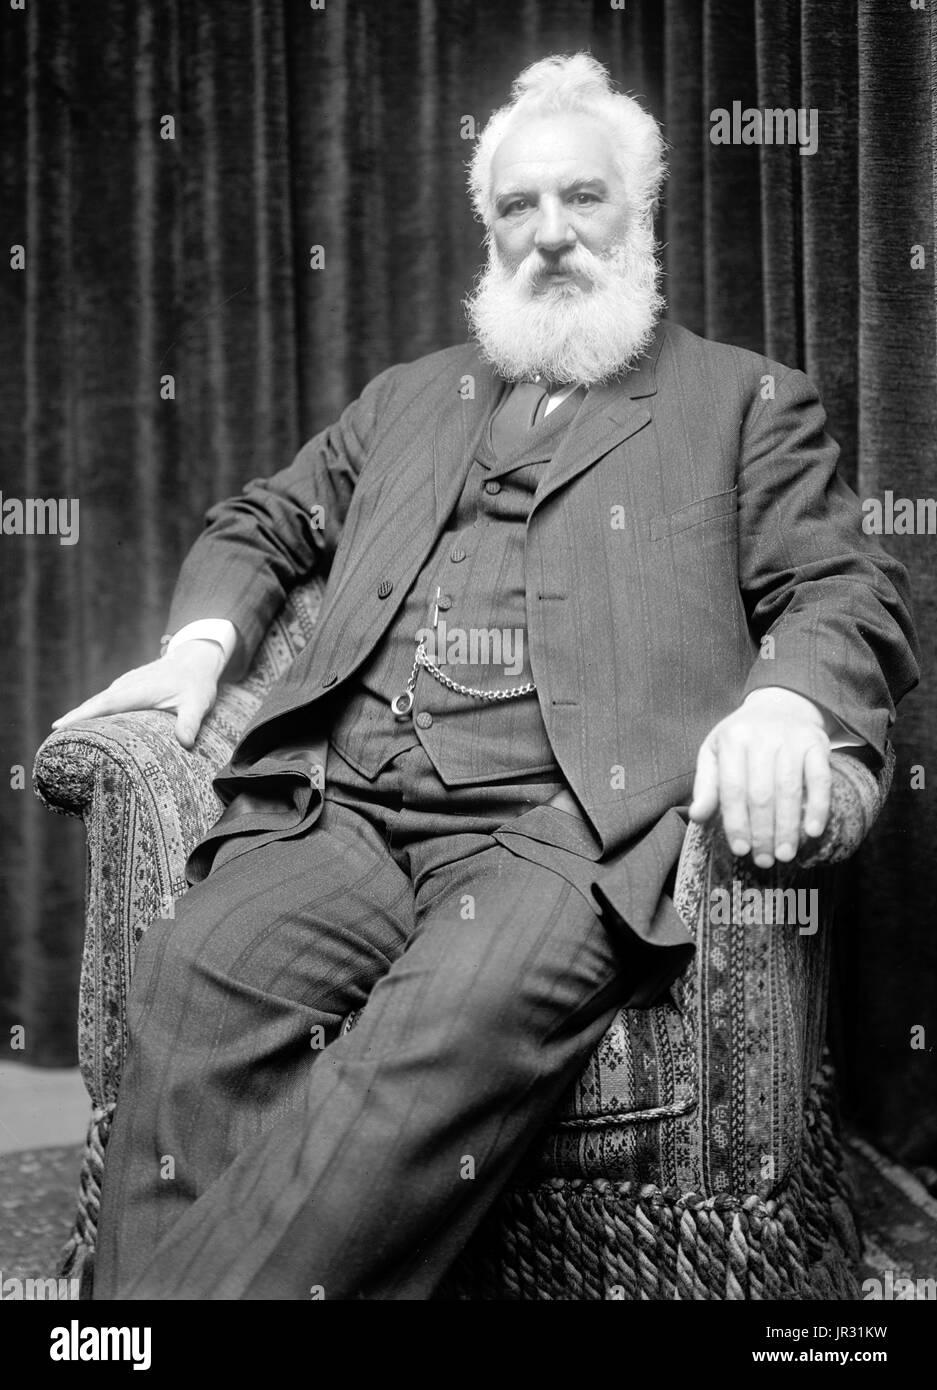 Alexander Graham Bell - alexander graham